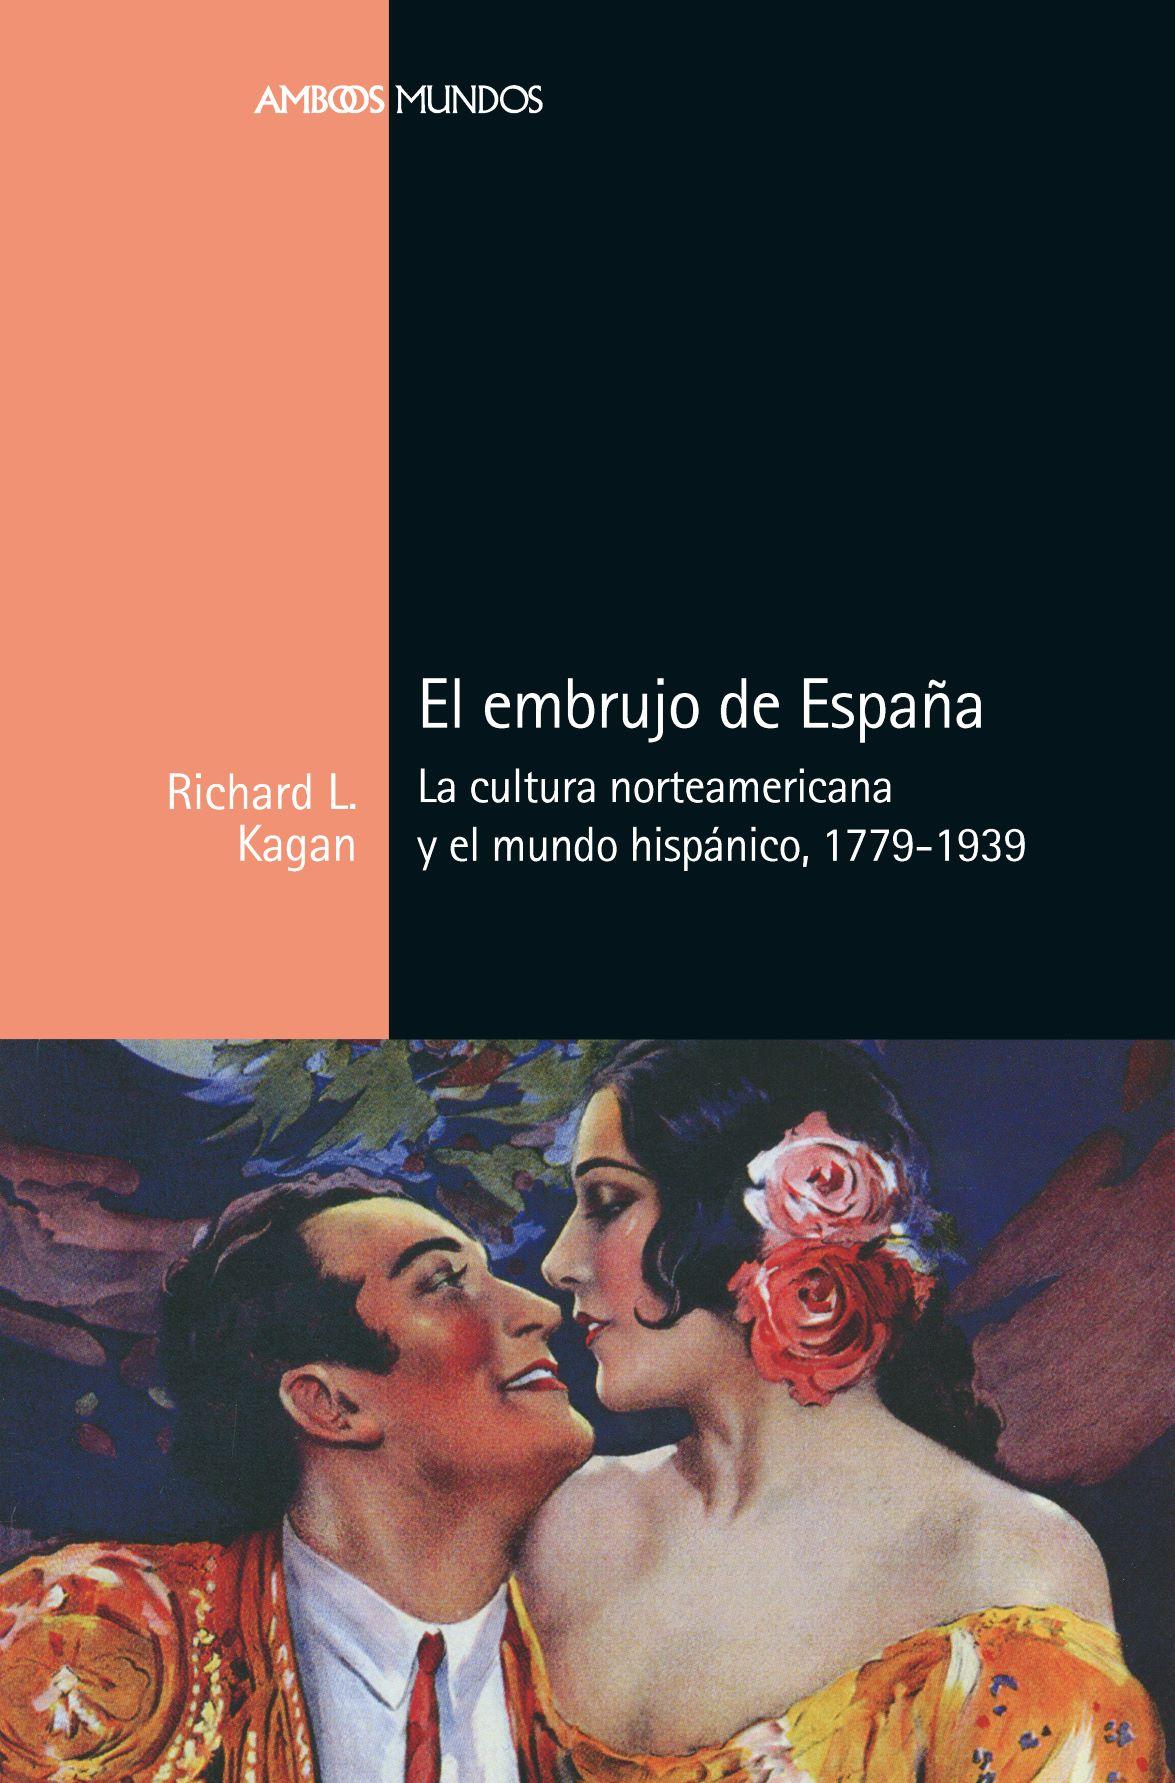 El embrujo de España   «La cultura norteamericana y el mundo hispánico, 1779-1939»